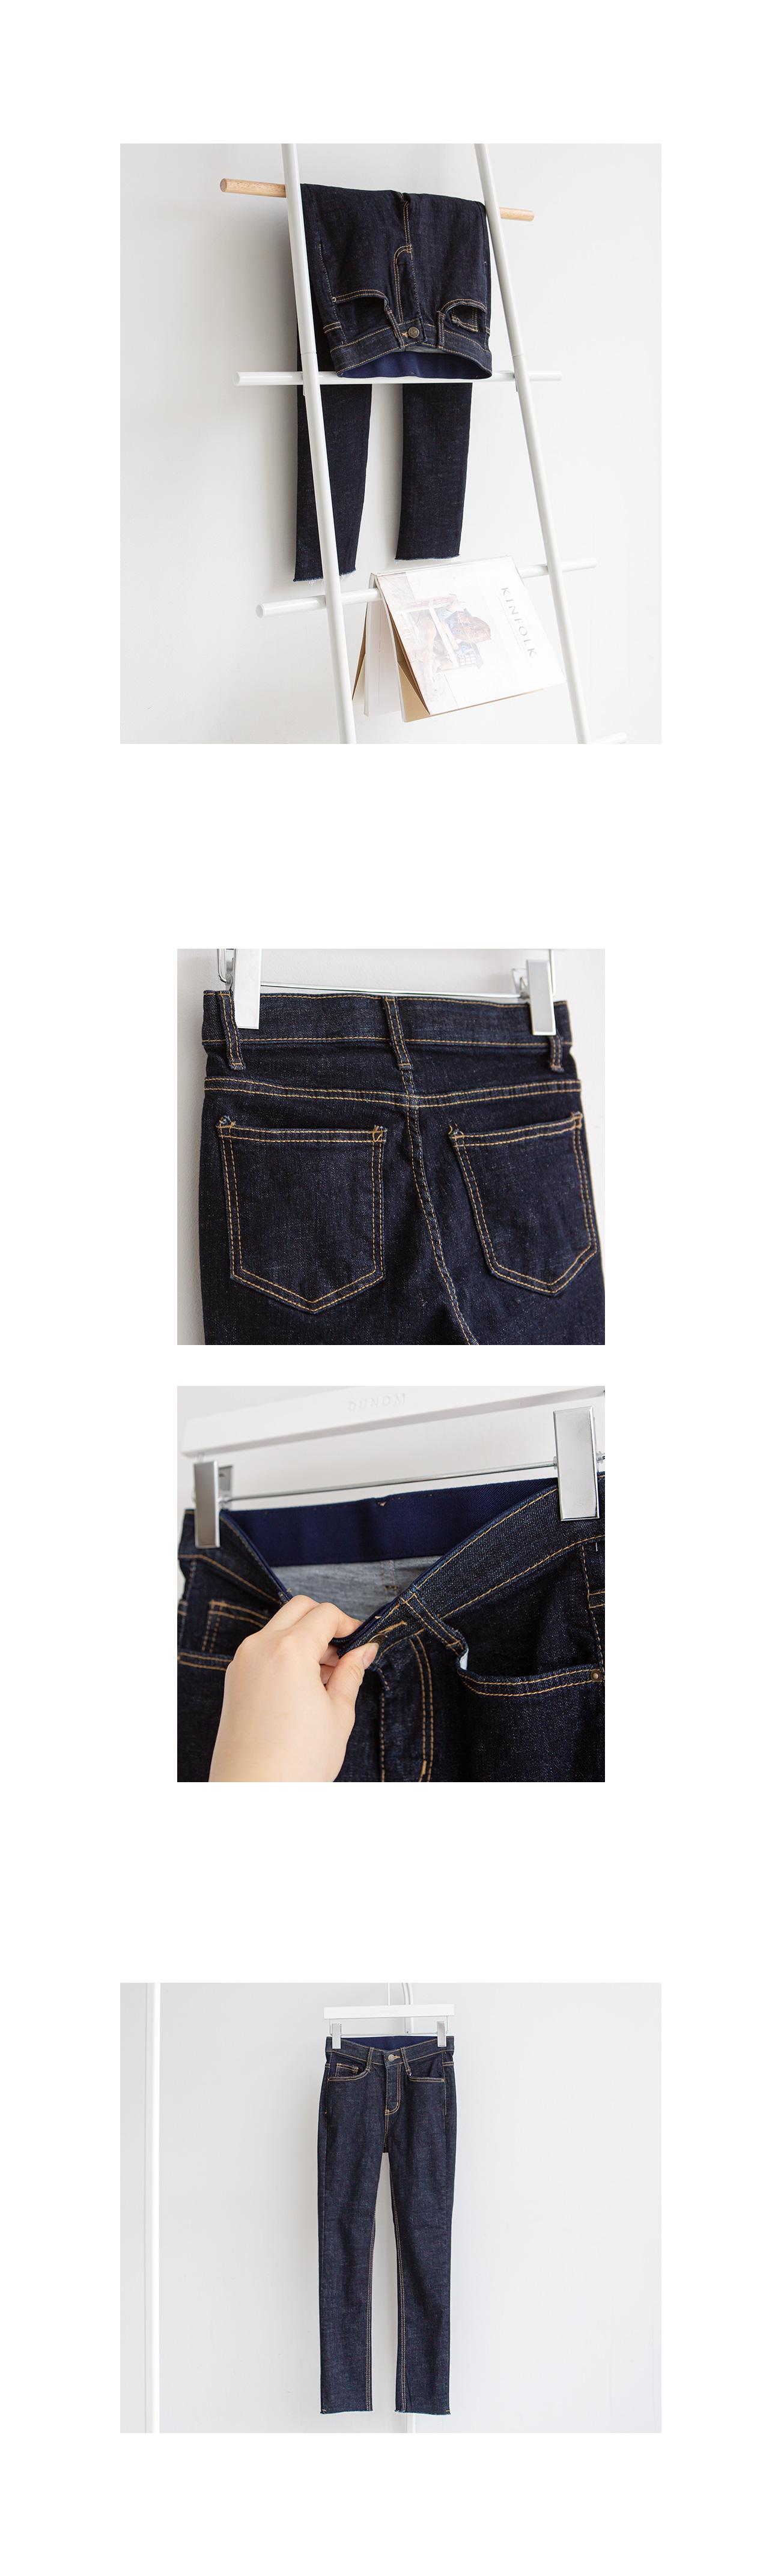 Camel Vintage Cut Straight Fit Denim Pants #73476